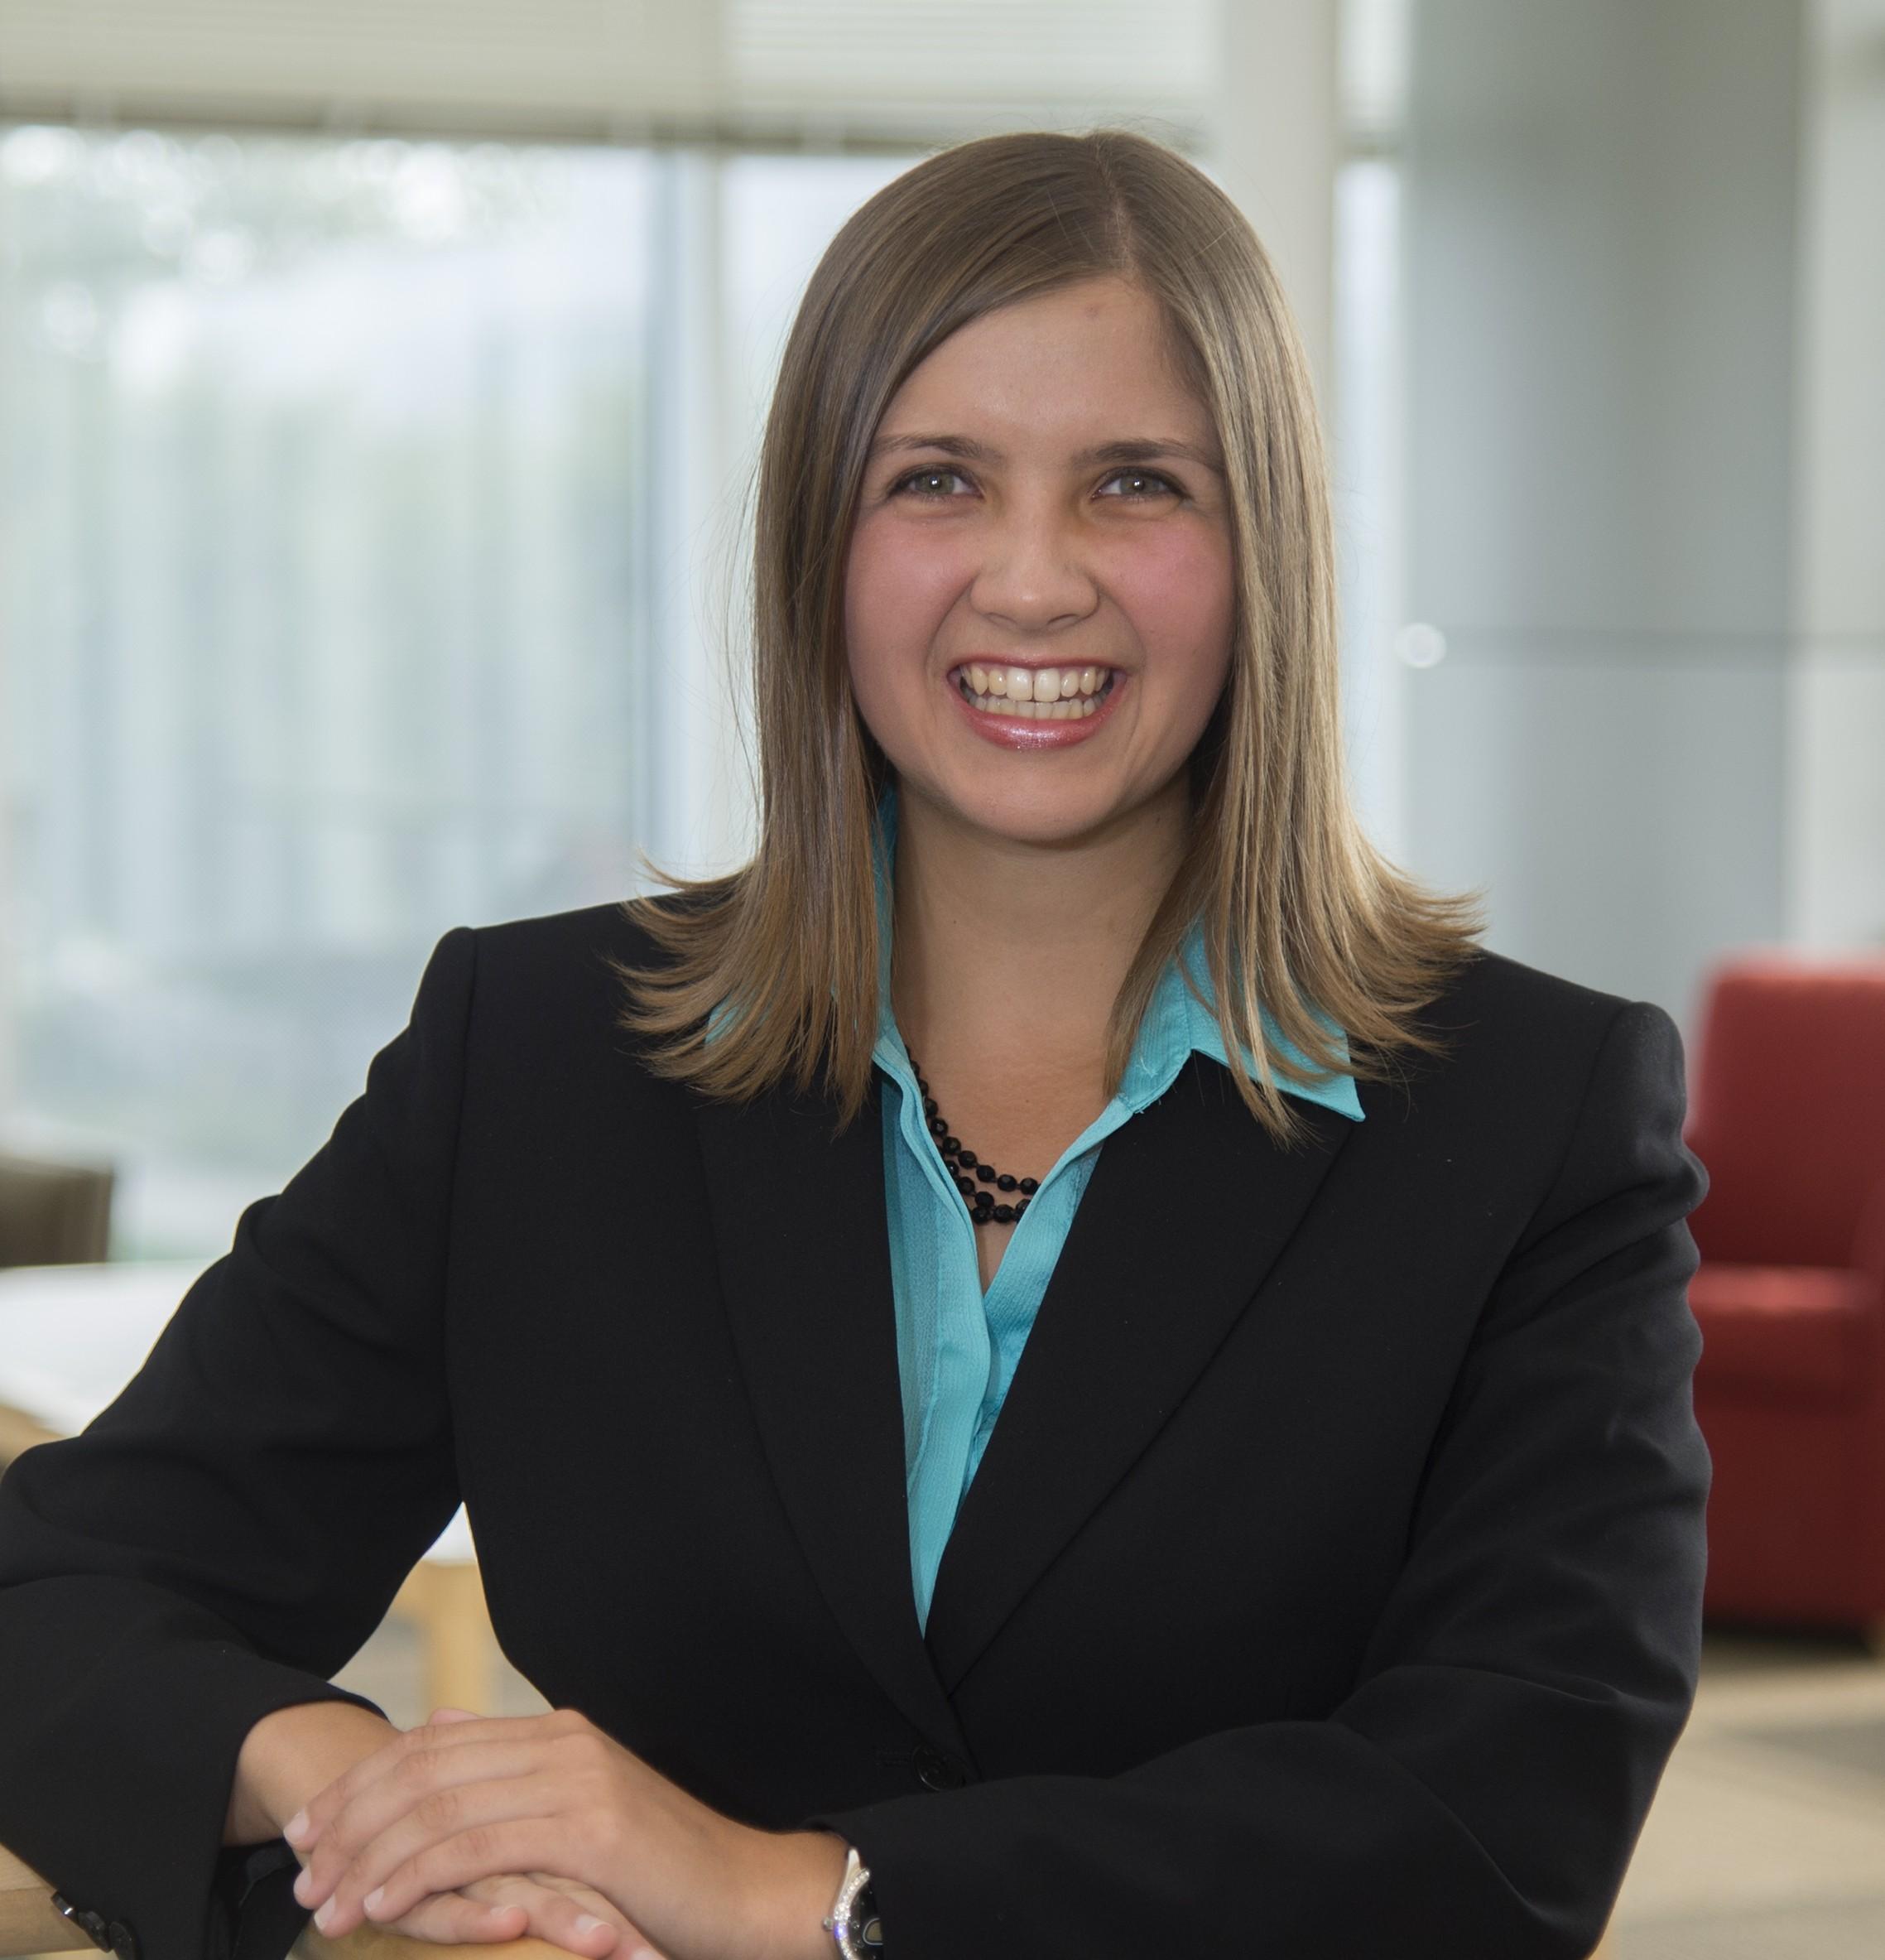 Lauren Rourk